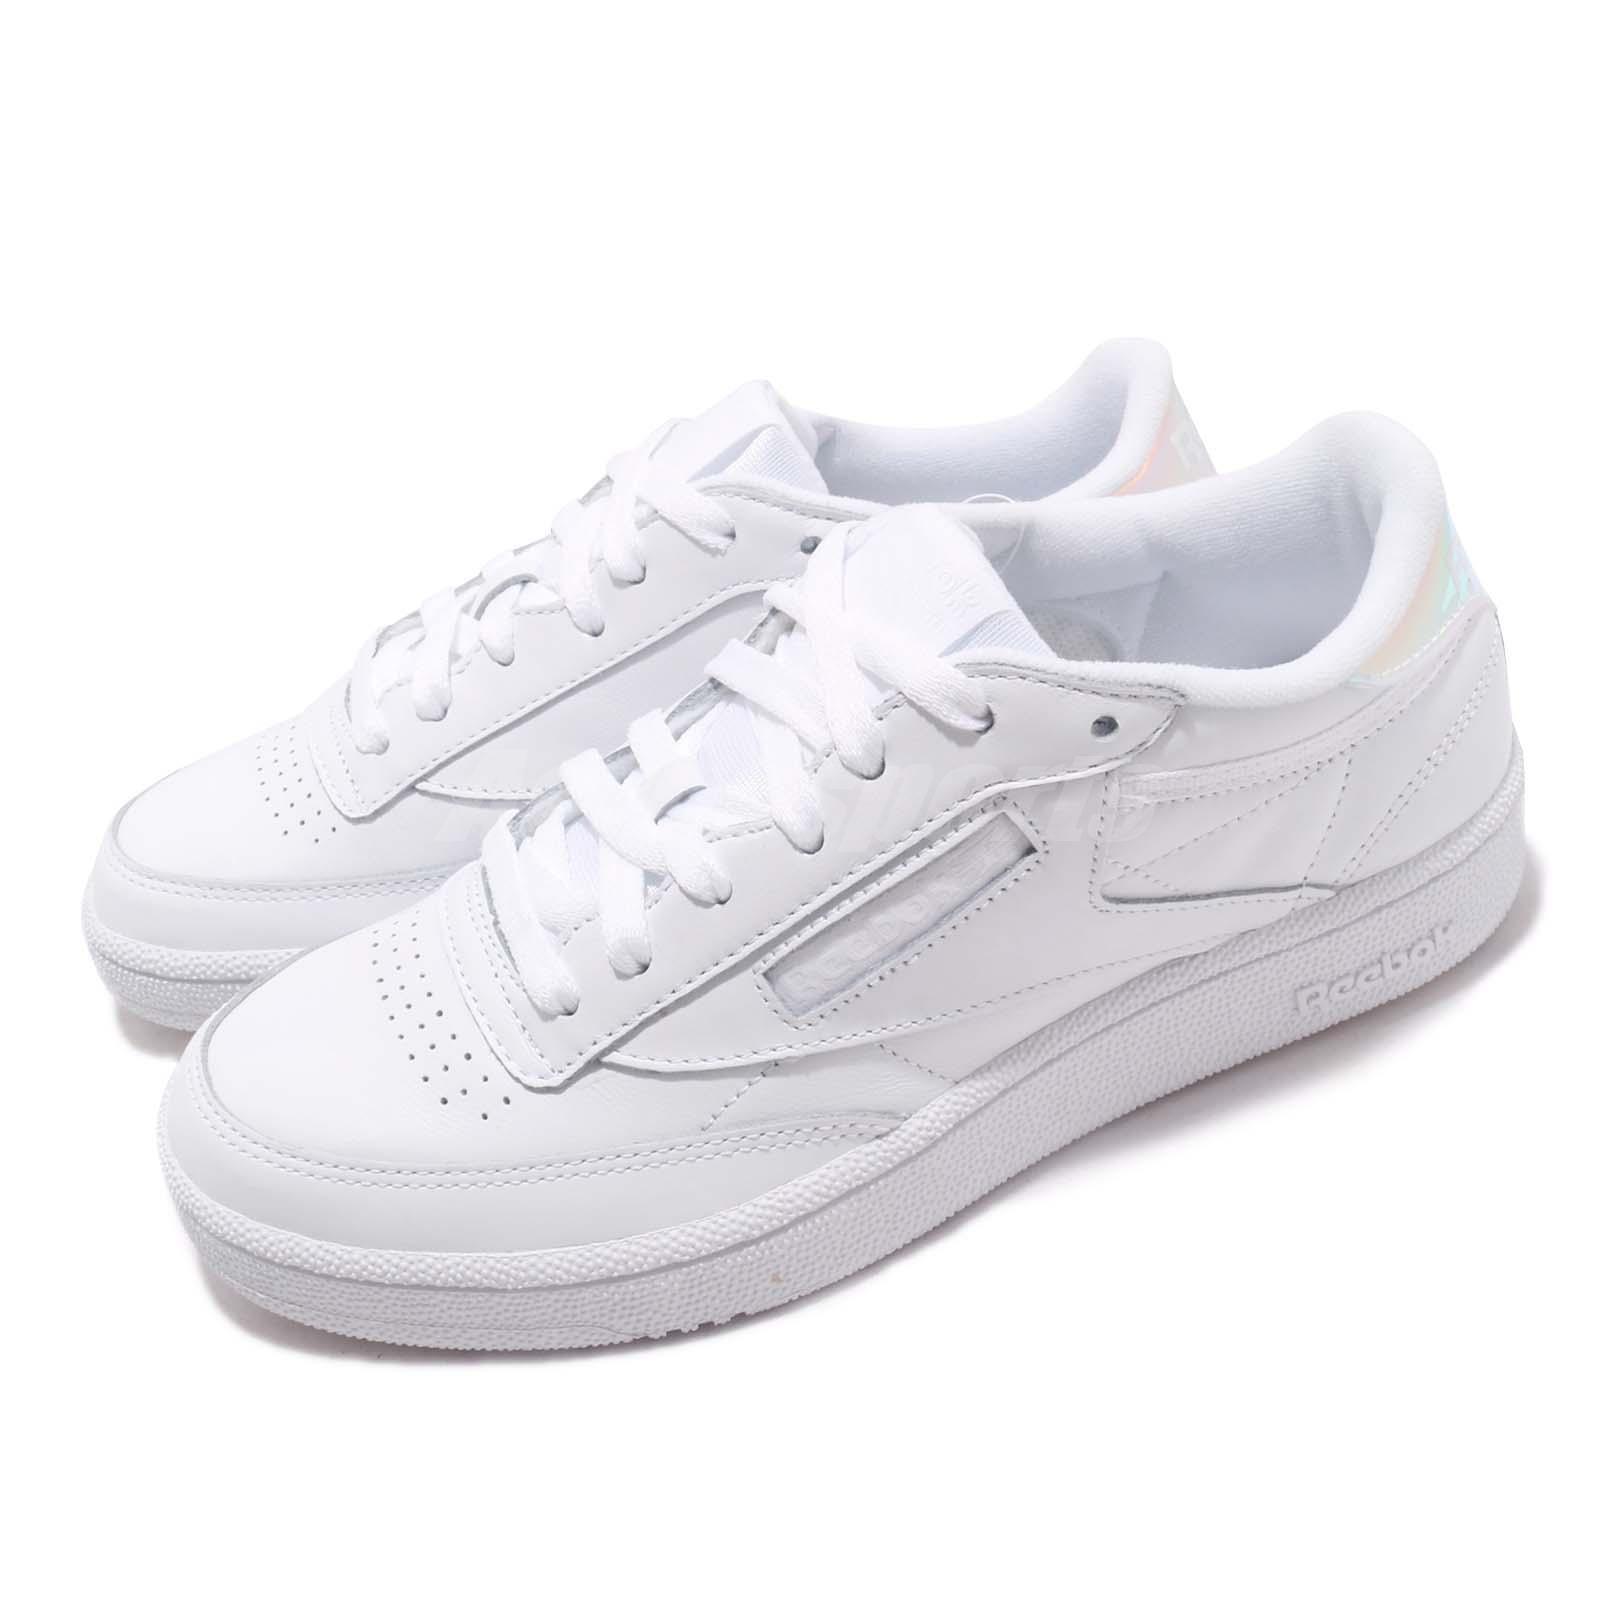 Reebok Club C 85 MU Bianco Iridiscesa  Ologramma Uomini Scarpe Casuale scarpe da ginnastica DV5182  marca